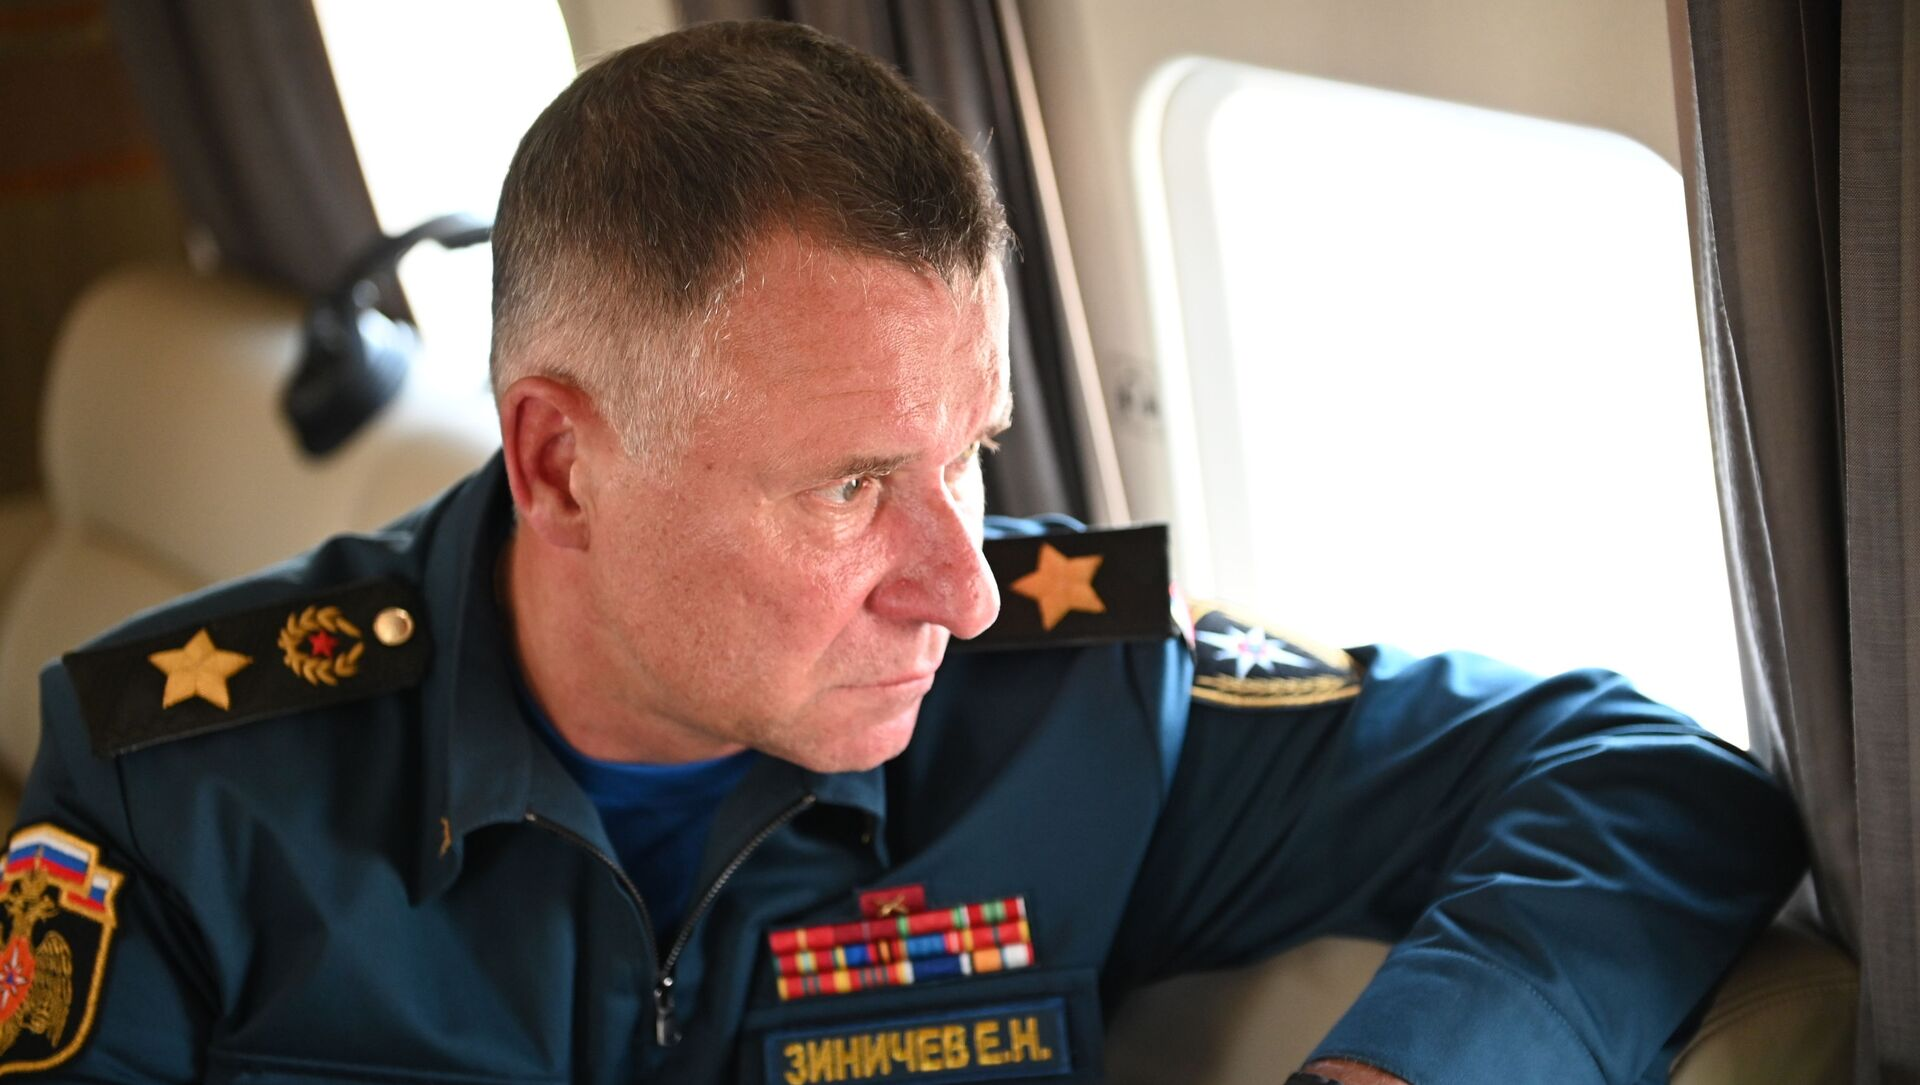 Người đứng đầu Bộ các Tình trạng Khẩn cấp LB Nga Yevgeny Zinichev - Sputnik Việt Nam, 1920, 08.09.2021